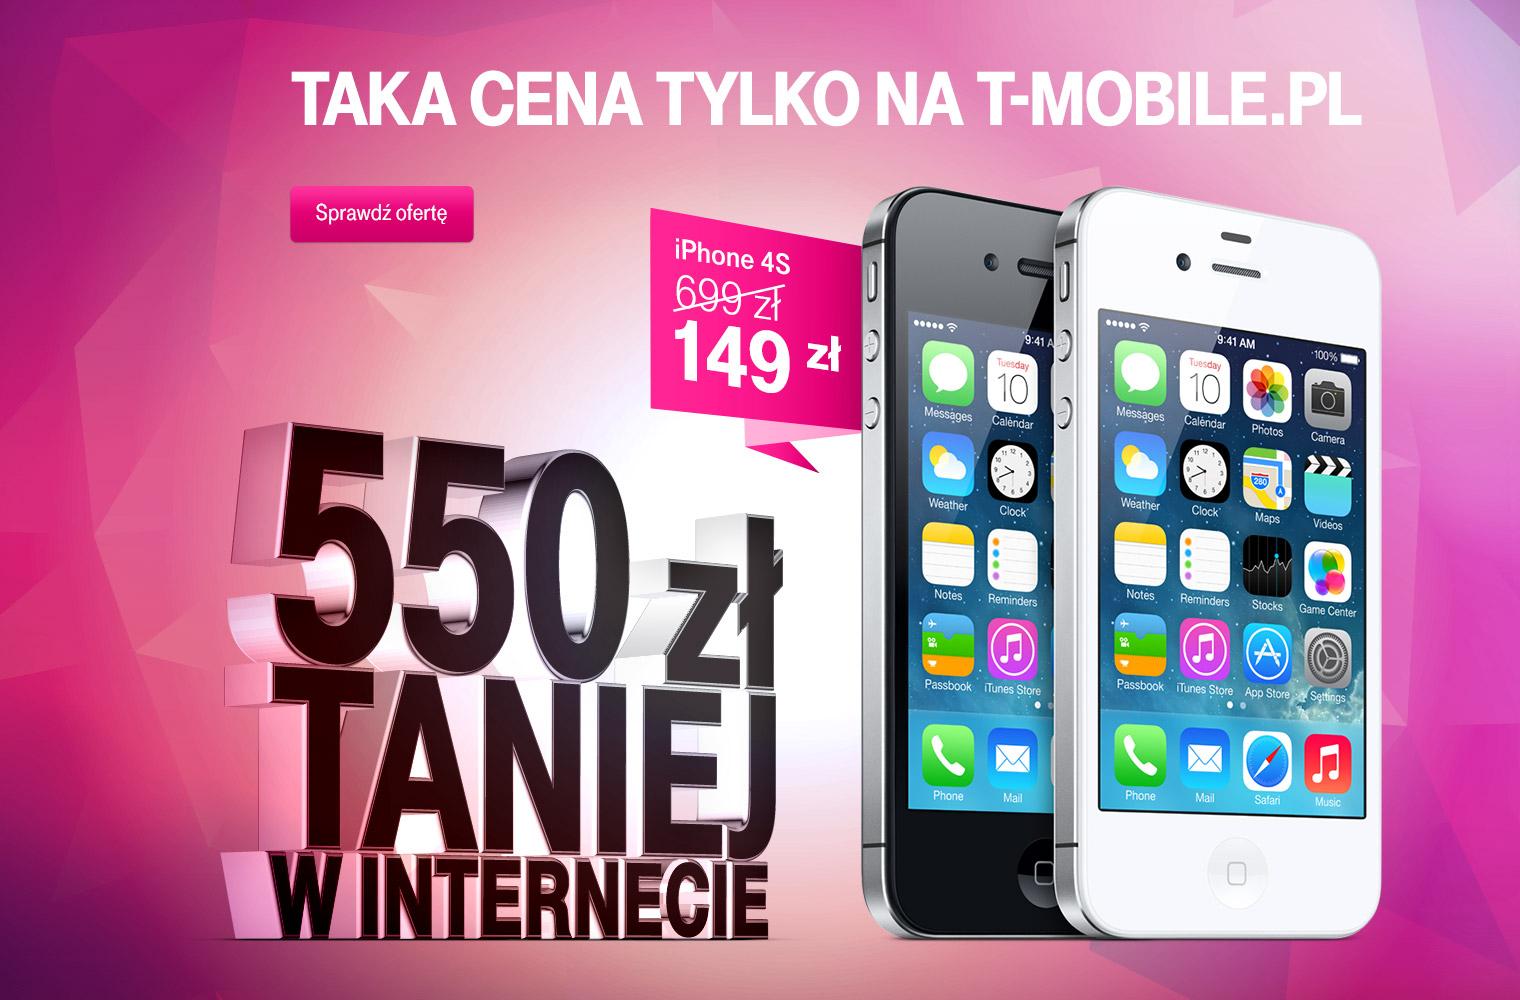 550 ZŁ TANIEJ TYLKO W INTERNECIE !!! IPHONE 4S ZA 149,01 ZŁ w abonamencie za 69,99zł miesięcznie!!! @ T-Mobile